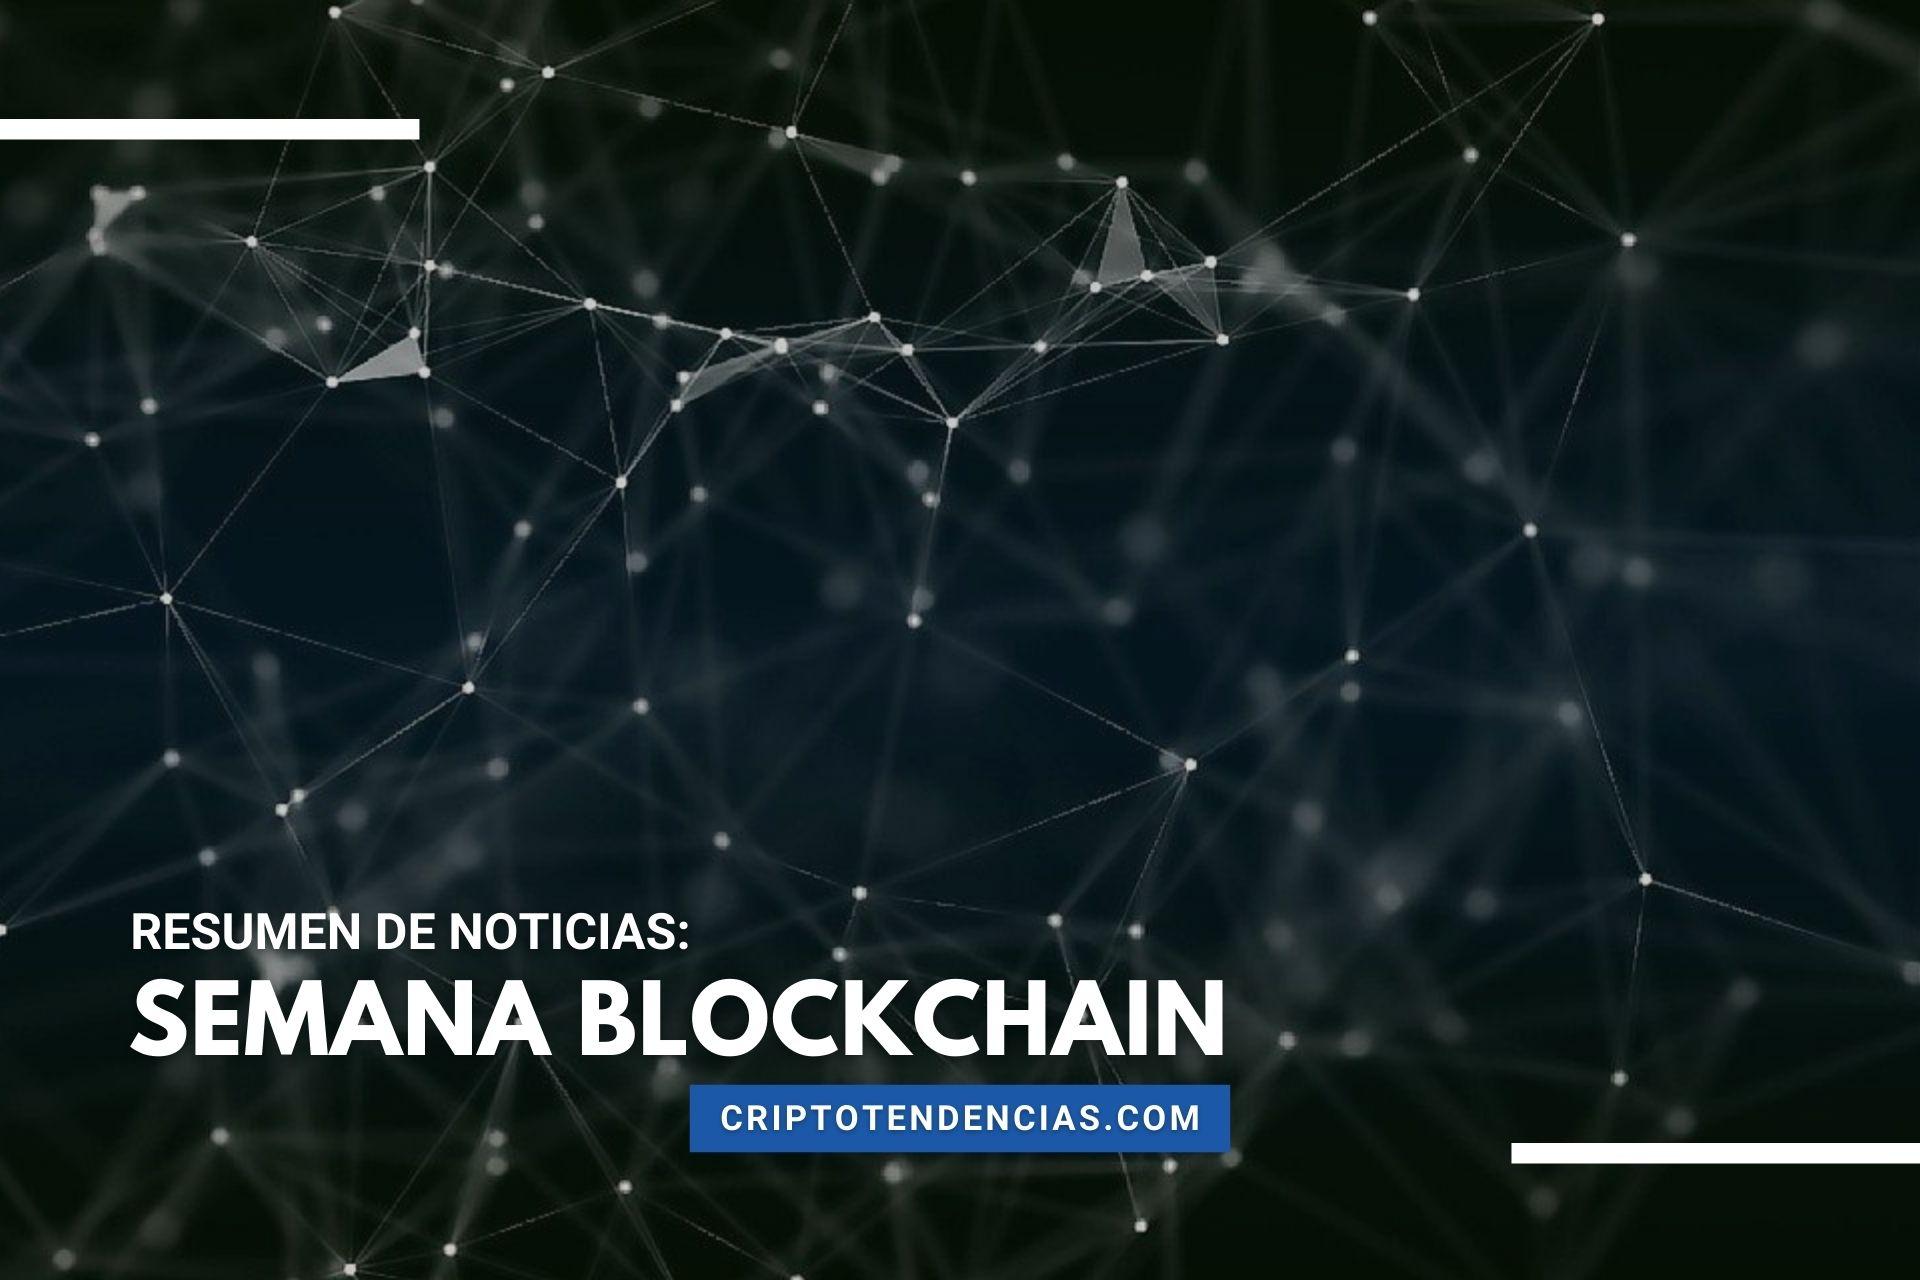 Semana Blockchain, lo más destacado en los últimos días sobre la tecnología blockchain y los NFT